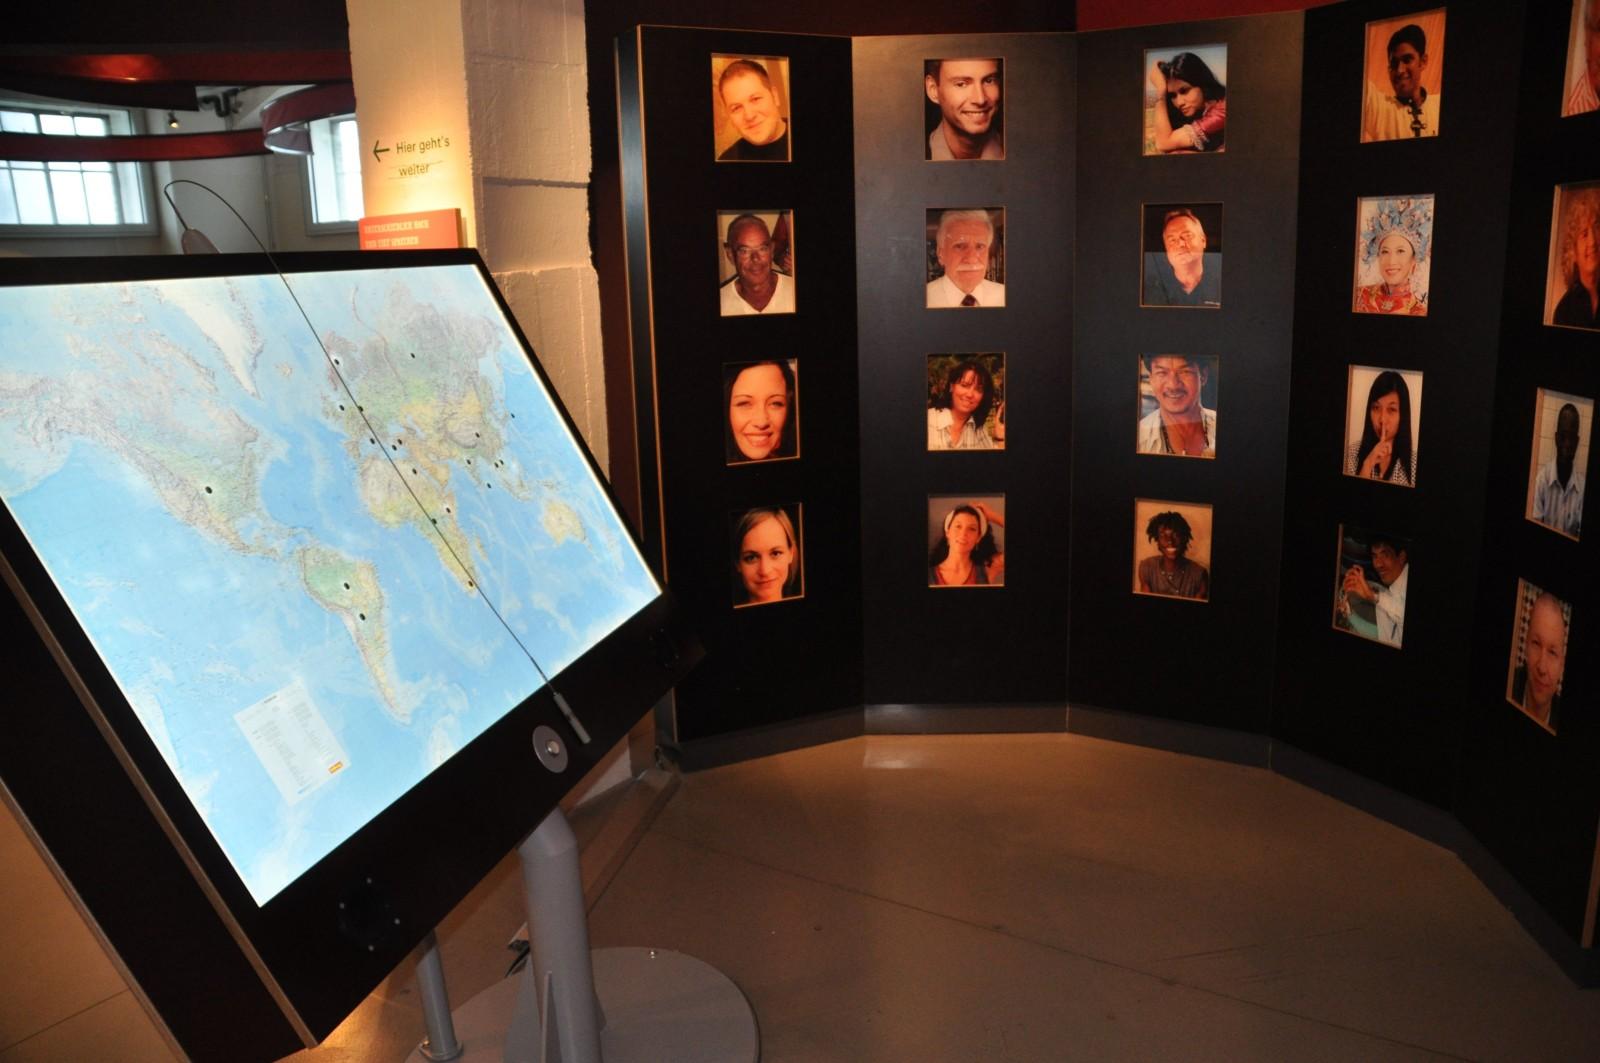 Sprechende Bilder Sprachenglobus: Unterkulturelle Kommunikation auf der Experimenta in Heilbronn